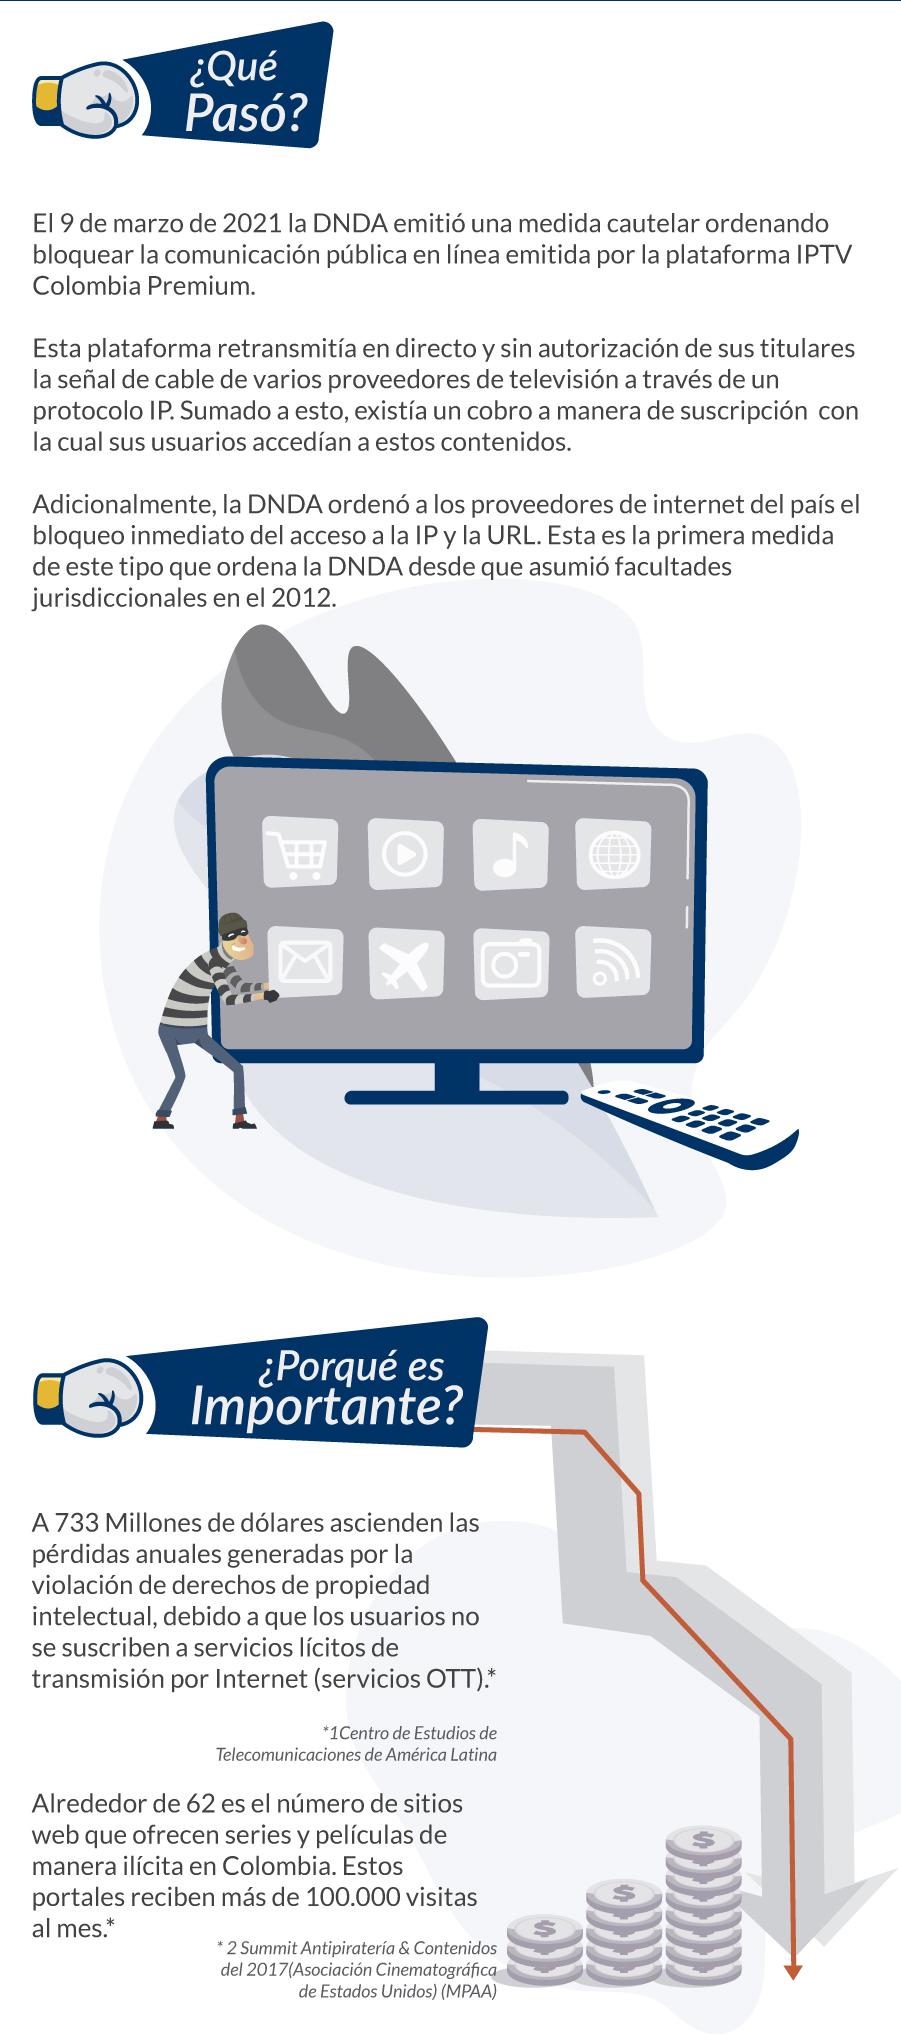 La DNDA emitió una medida cautelar para bloquear la comunicación pública emitida por la plataforma IPTV Colombia Premium.